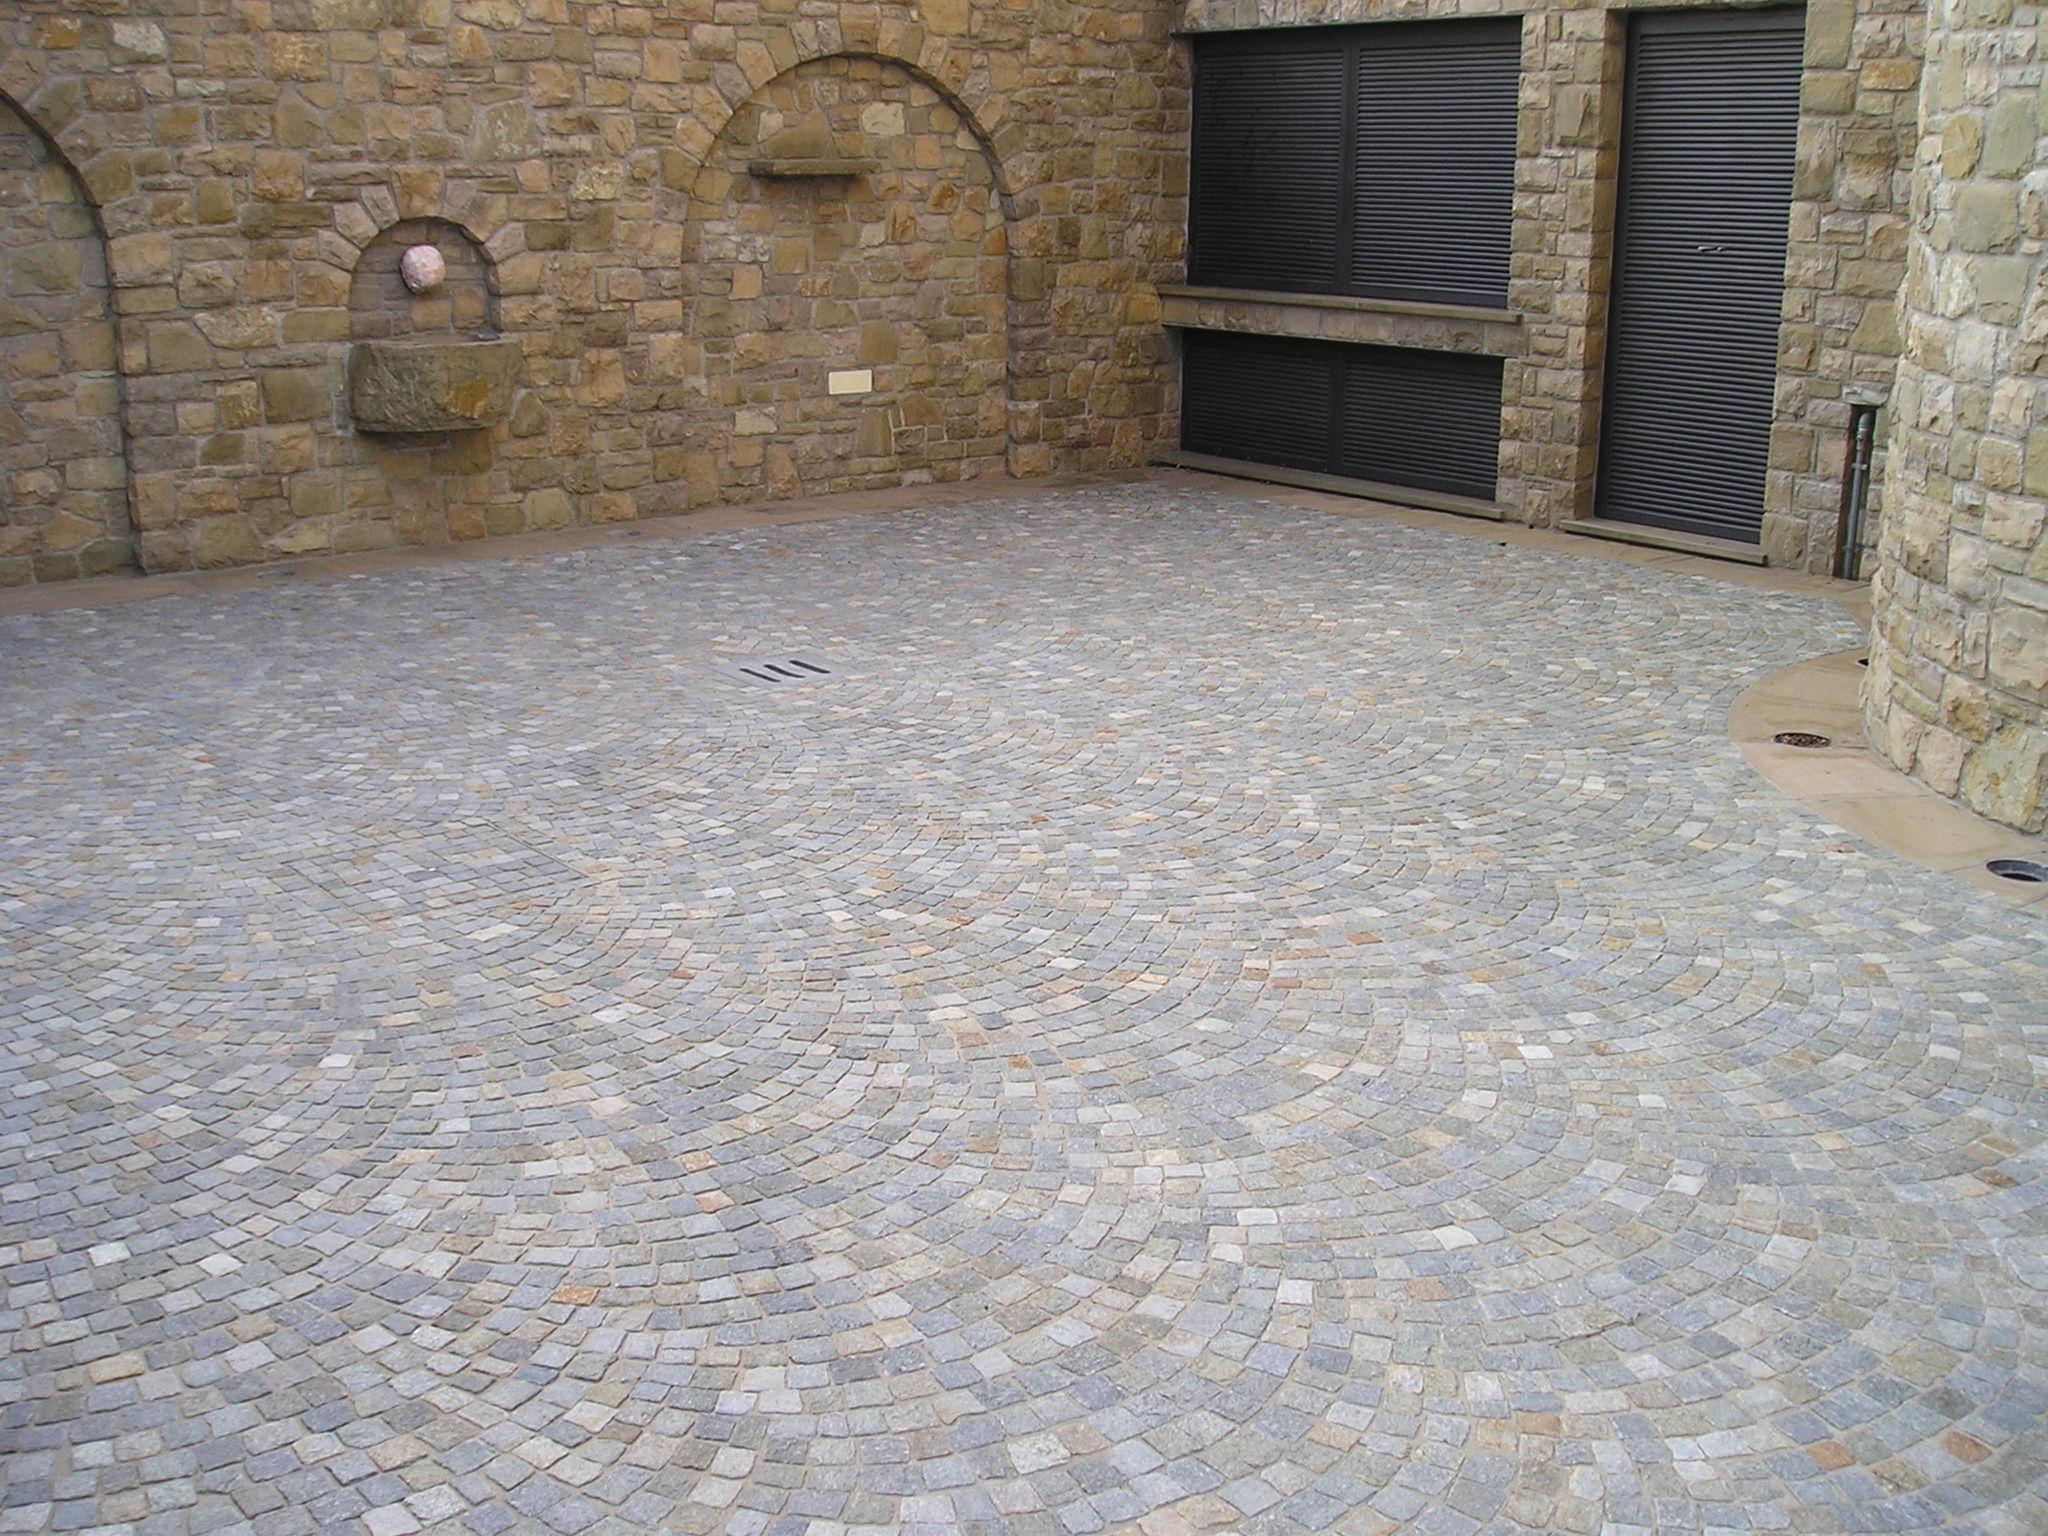 Pavimento In Pietra Di Luserna : Pavimenti e rivestimenti in pietra di luserna origine pietra